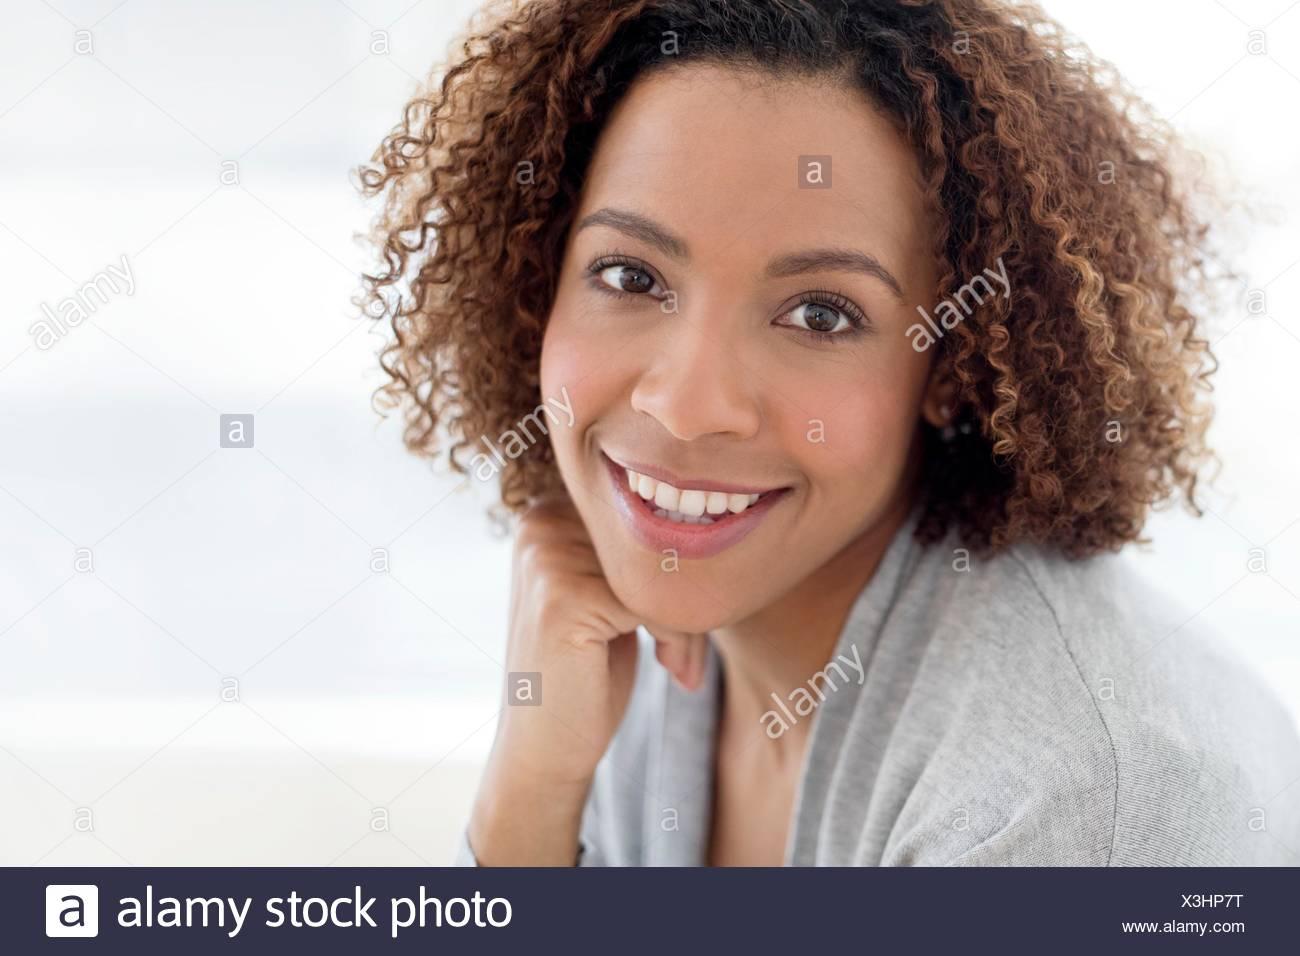 Ritratto di metà donna adulta sorridente. Immagini Stock